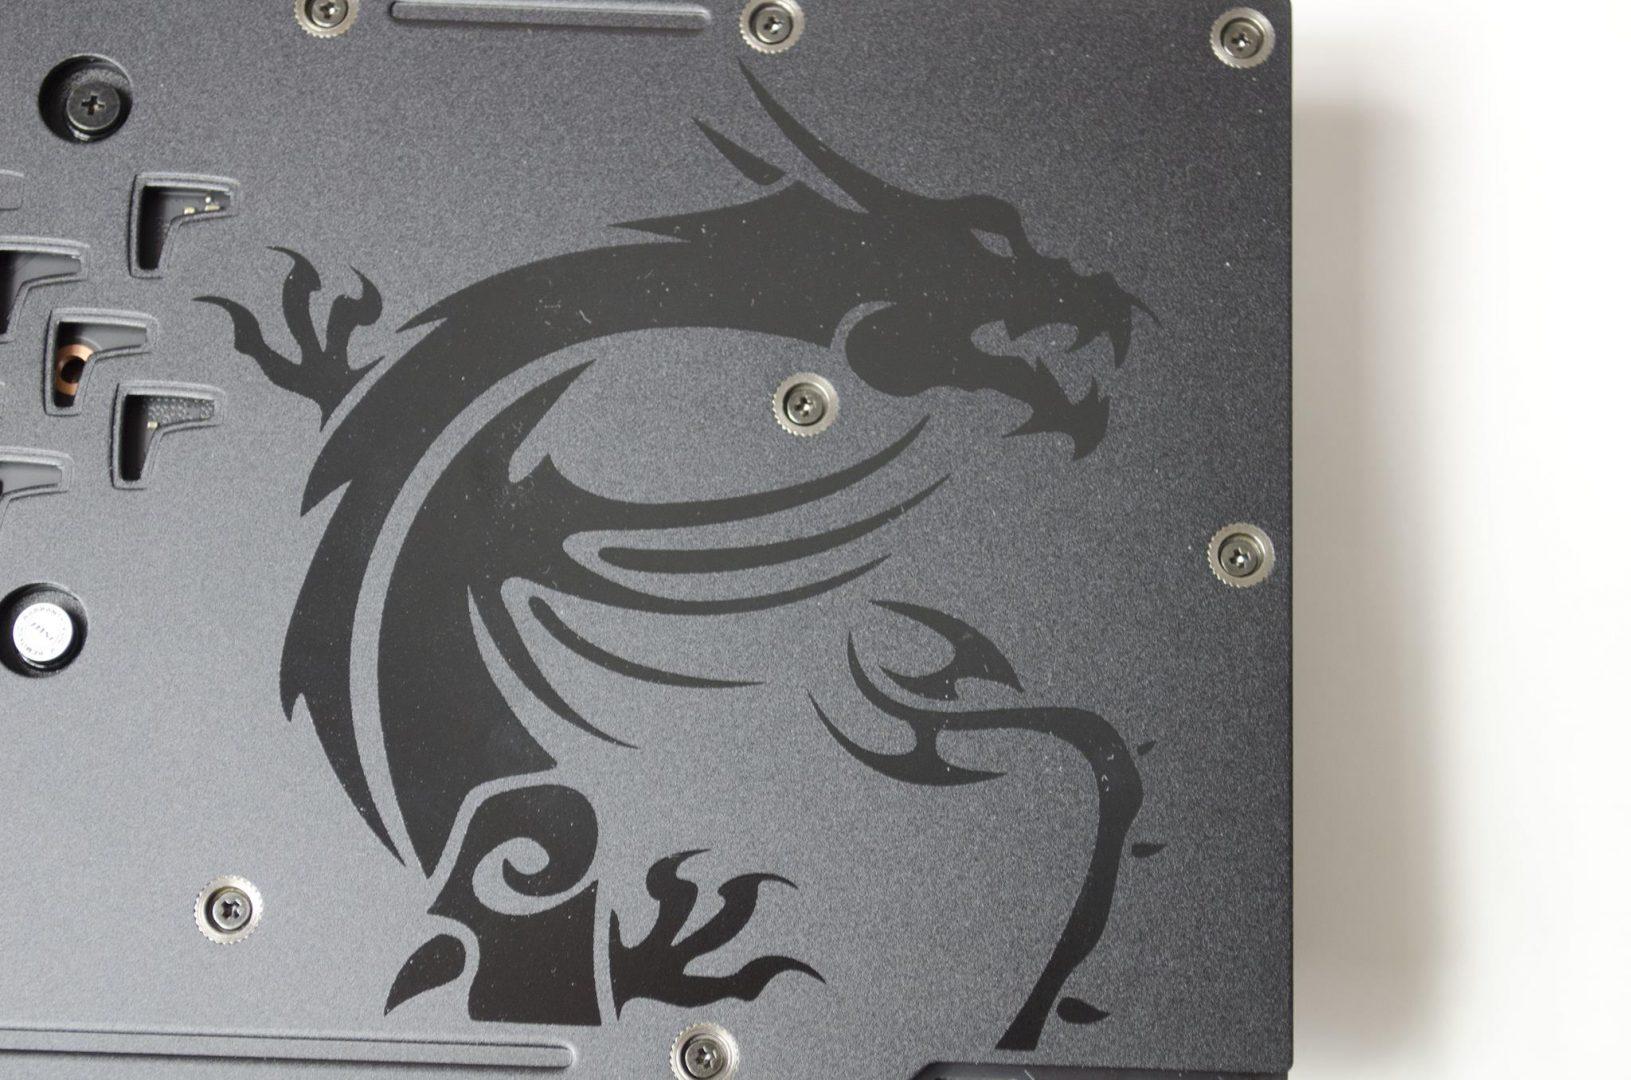 MSI geforce GTX 1070 gaming x 8gb gpu review_1